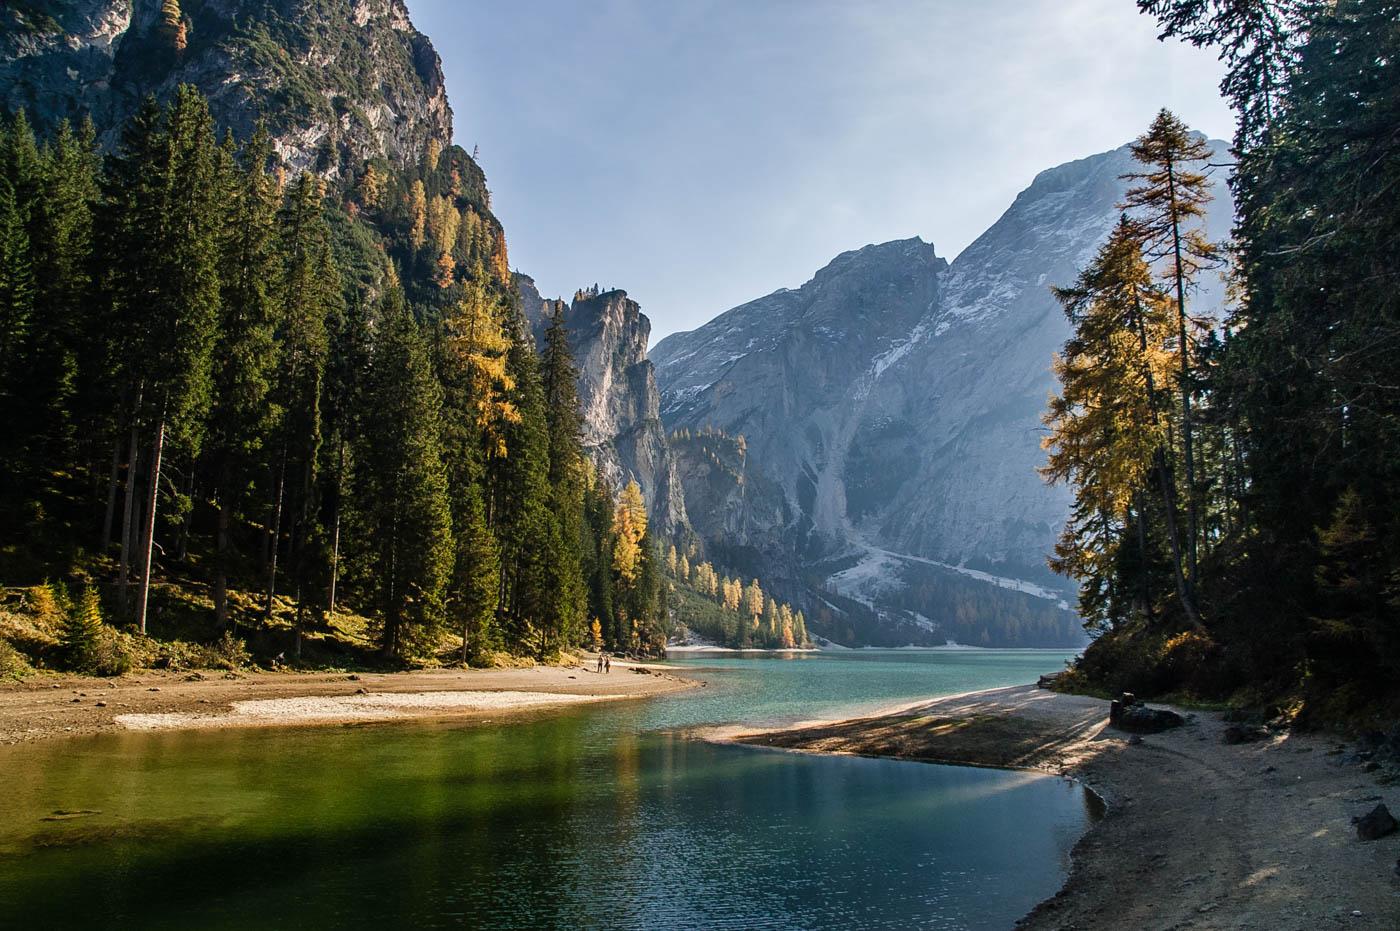 Pragser Wildseee - Lago di Braies